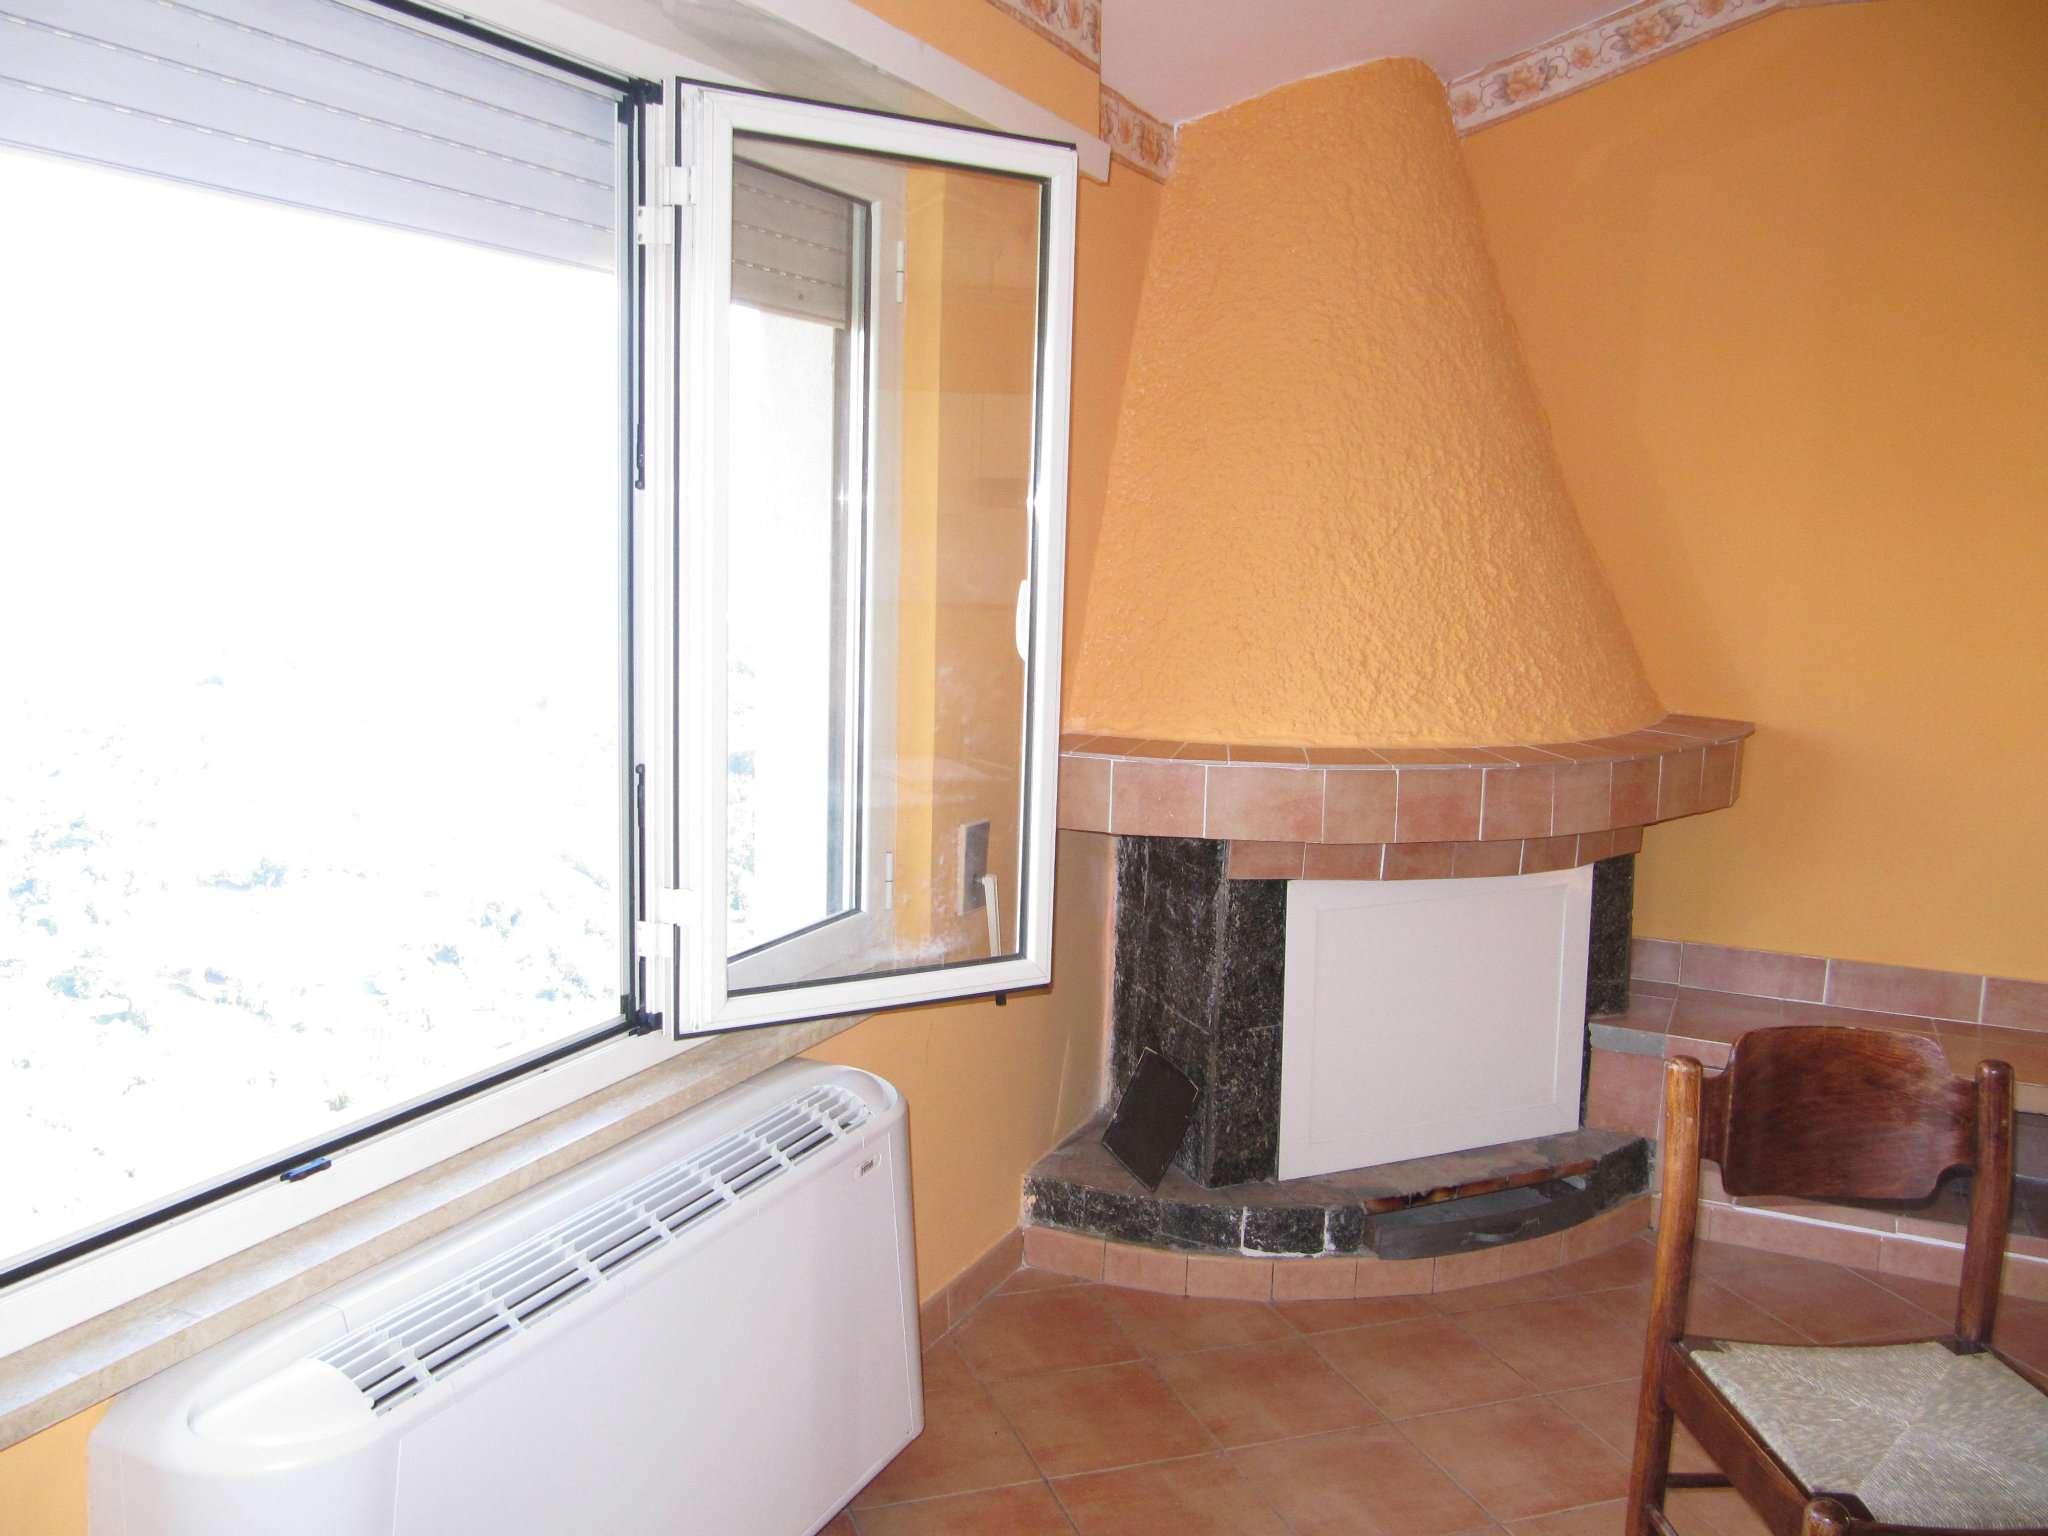 Appartamento in affitto a Paliano, 3 locali, prezzo € 400 | Cambio Casa.it